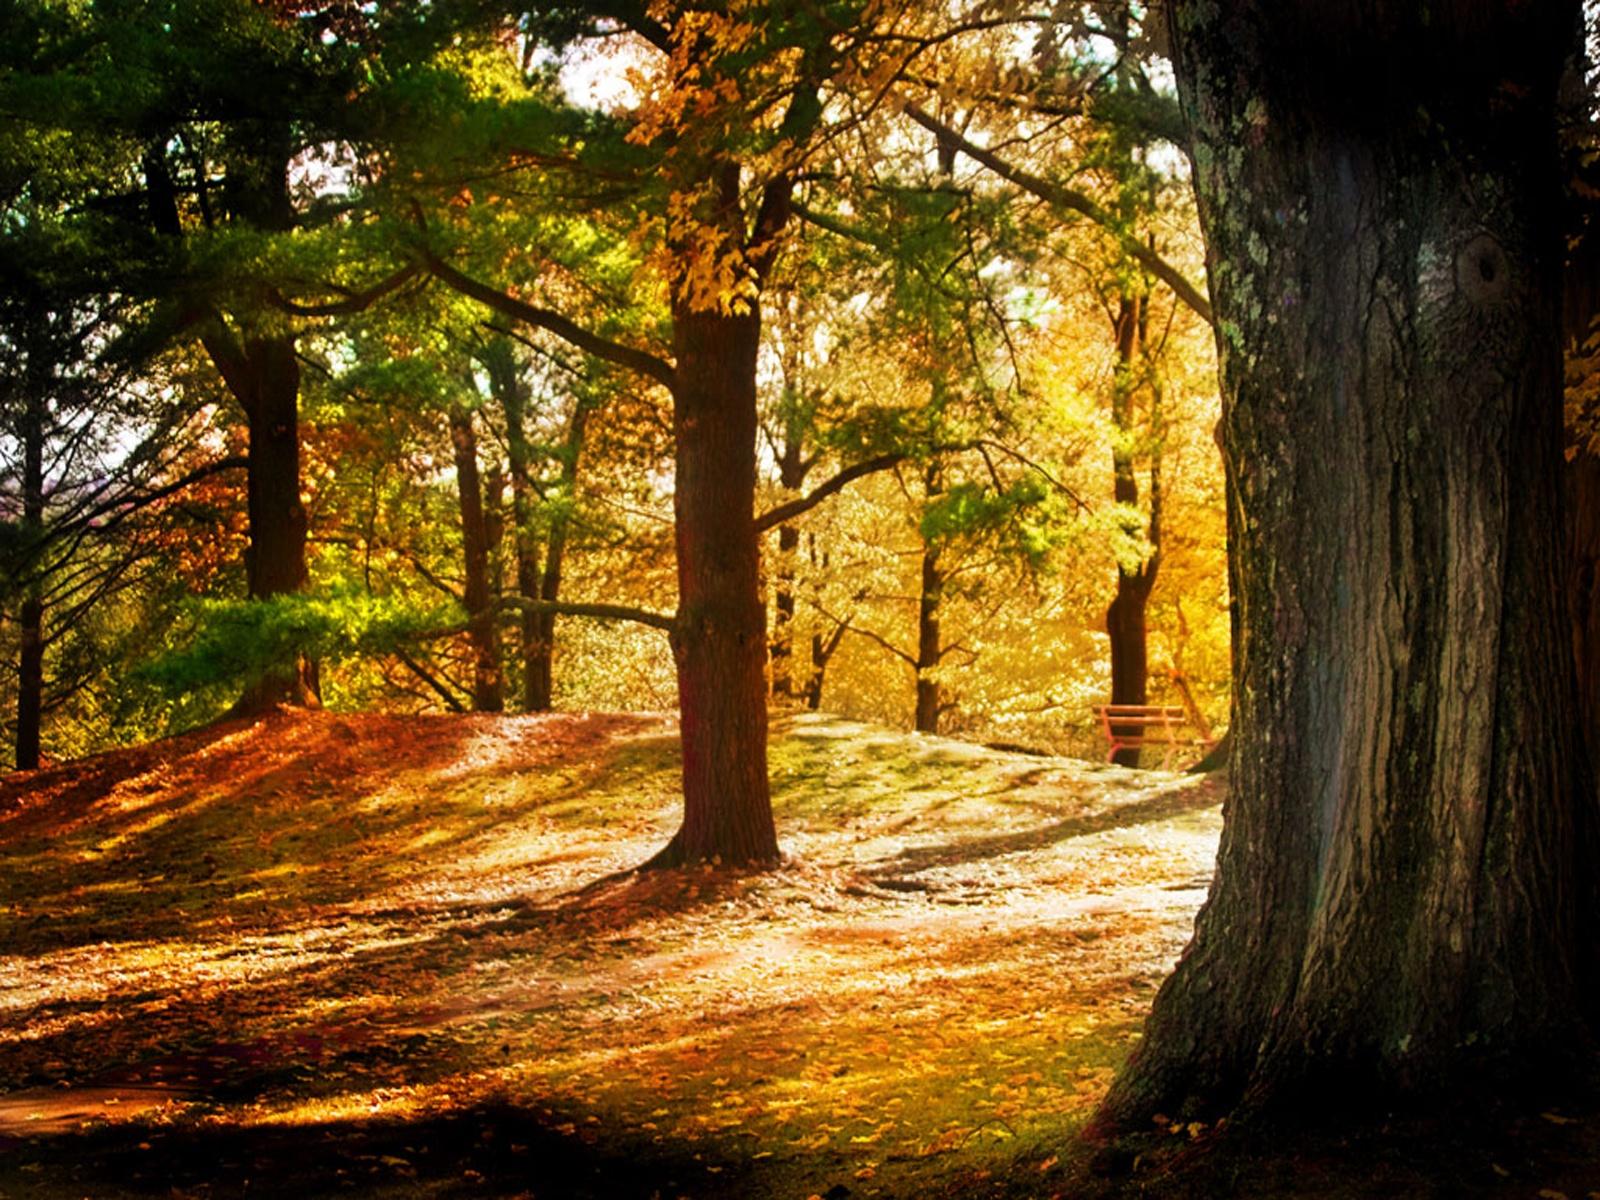 лес, стволы деревьев, скачать фото, солнечный свет, листья